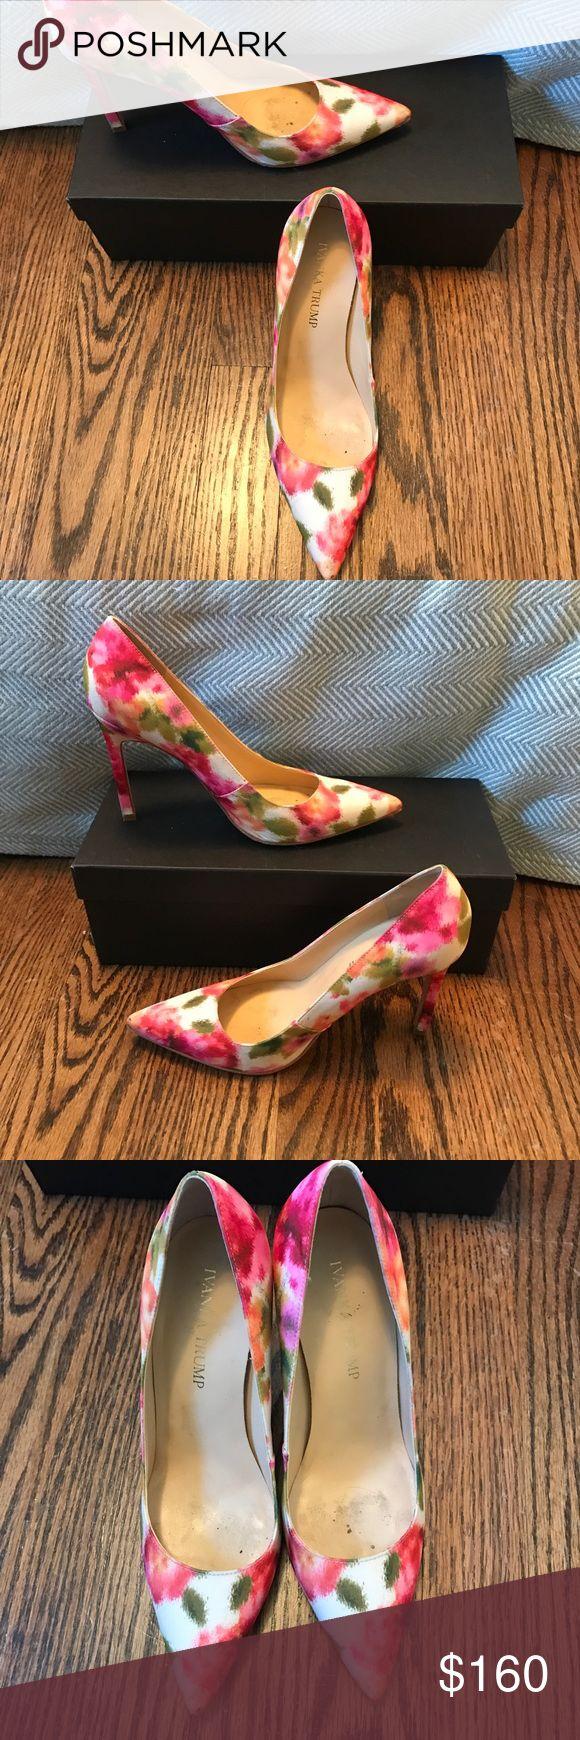 Beautiful multi-color Ivanka Trump pumps-size 6.5 Beautiful multi-color pumps - 3 inch height. Gorgeous color! Ivanka Trump Shoes Heels